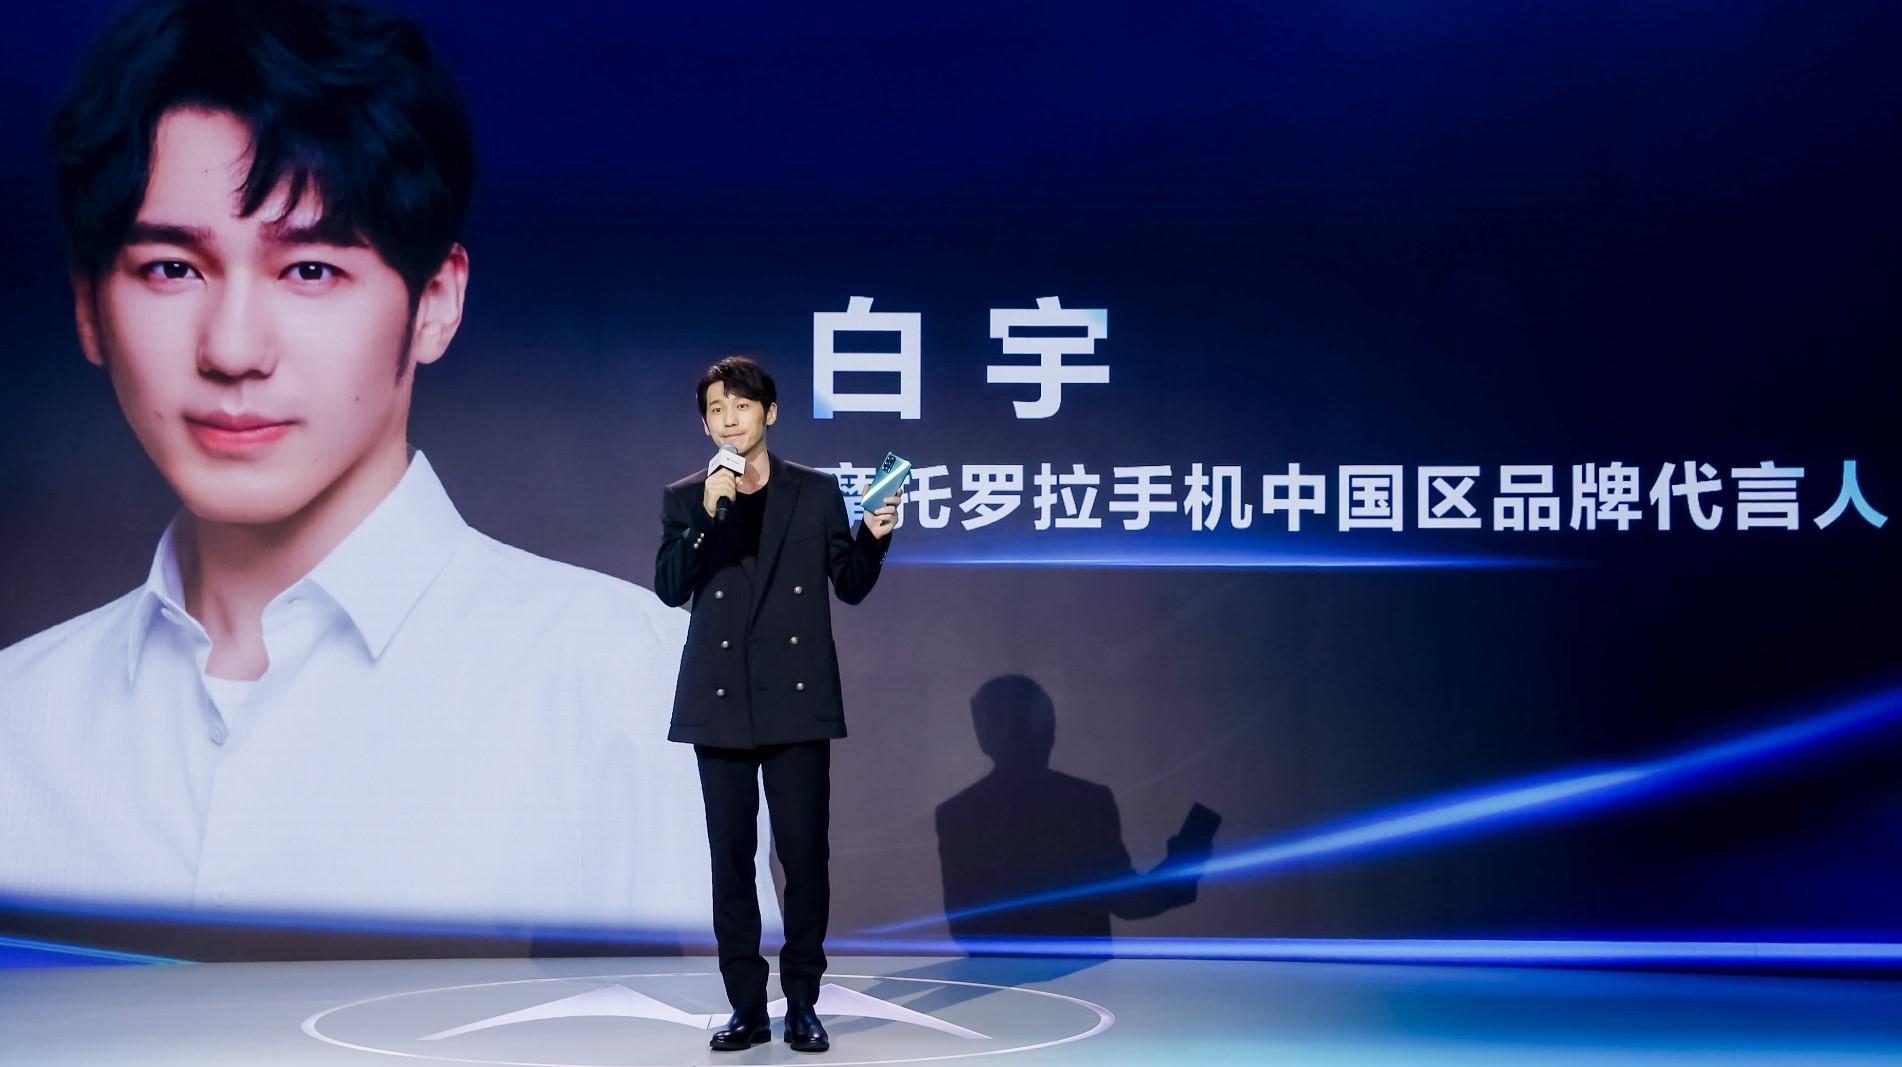 摩托罗拉手机中国区品牌代言人 白宇